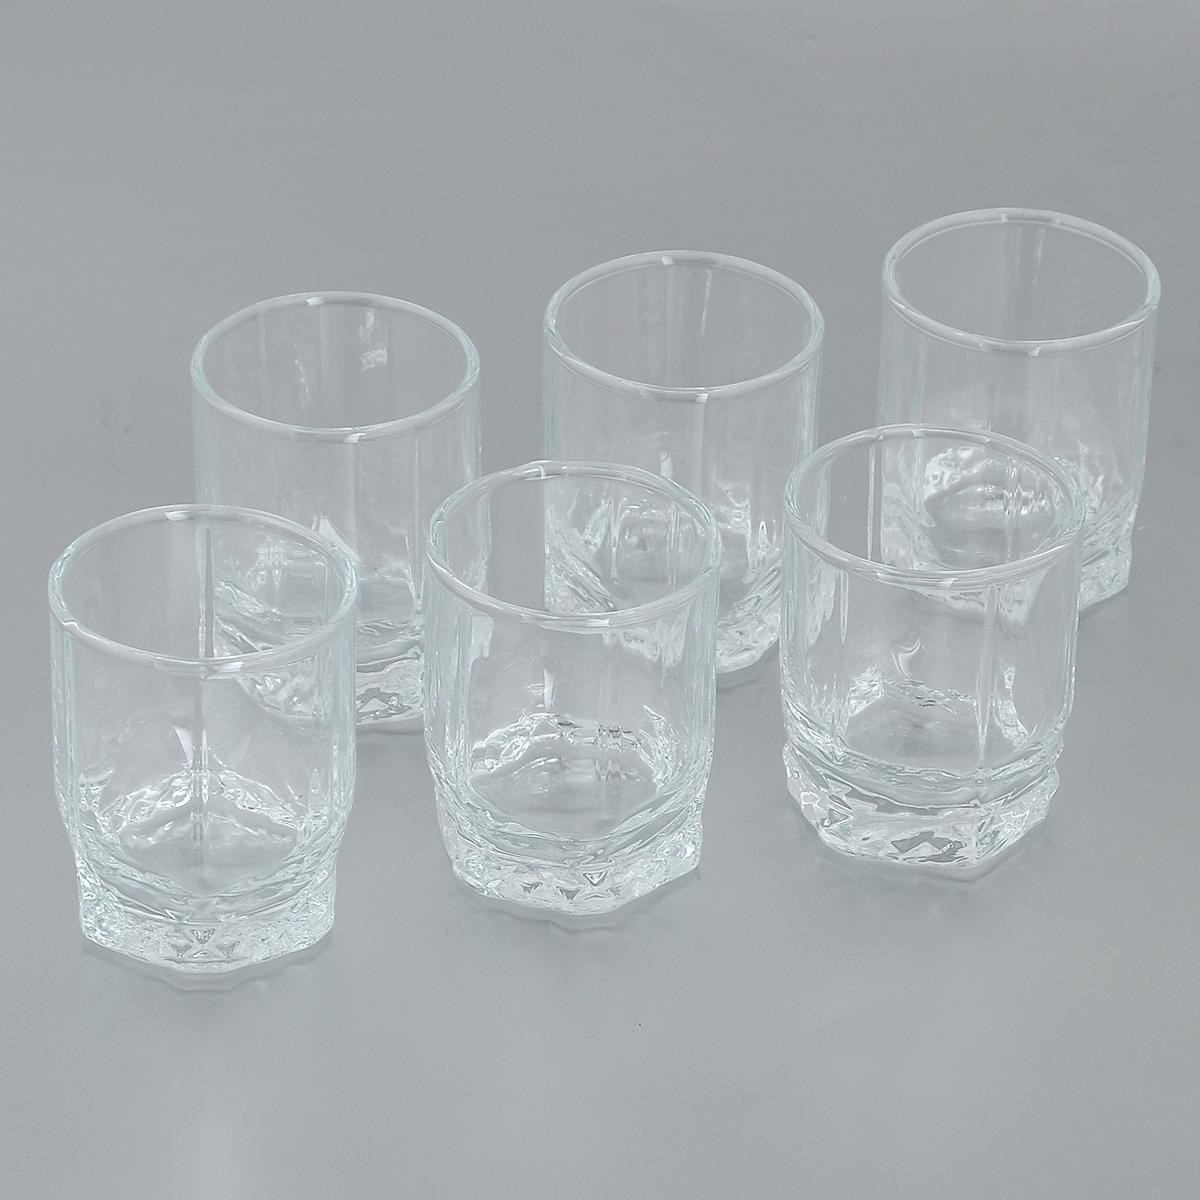 Набор рюмок Pasabahce Valse, 60 мл, 6 шт42294GRBНабор Pasabahce Valse состоит из шести рюмок, изготовленных из прочного натрий-кальций-силикатного стекла. Изделия, предназначенные для подачи водки и других спиртных напитков, несомненно придутся вам по душе. Рюмки, оснащенные рельефной многогранной поверхностью, сочетают в себе элегантный дизайн и функциональность. Благодаря такому набору пить напитки будет еще вкуснее. Набор рюмок Pasabahce Valse идеально подойдет для сервировки стола и станет отличным подарком к любому празднику.Можно мыть в посудомоечной машине и использовать в микроволновой печи. Диаметр рюмки по верхнему краю: 4,5 см.Высота рюмки: 6 см.